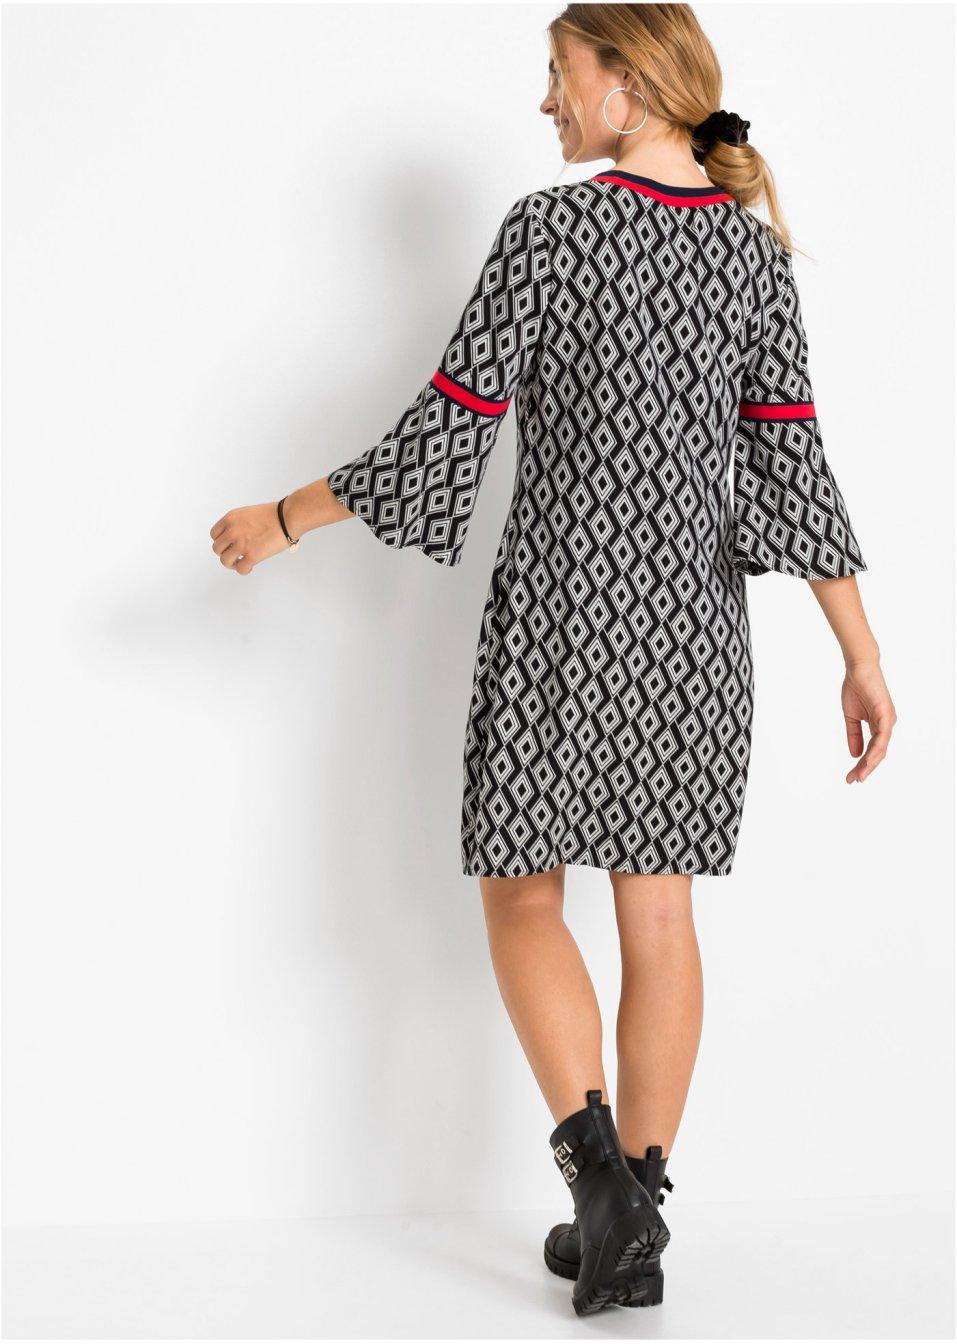 Mode Femme Vêtements DJLfdOFlkj Robe imprimée, manches 7/8 à volant noir/blanc/rouge RAINBOW commande online .fr